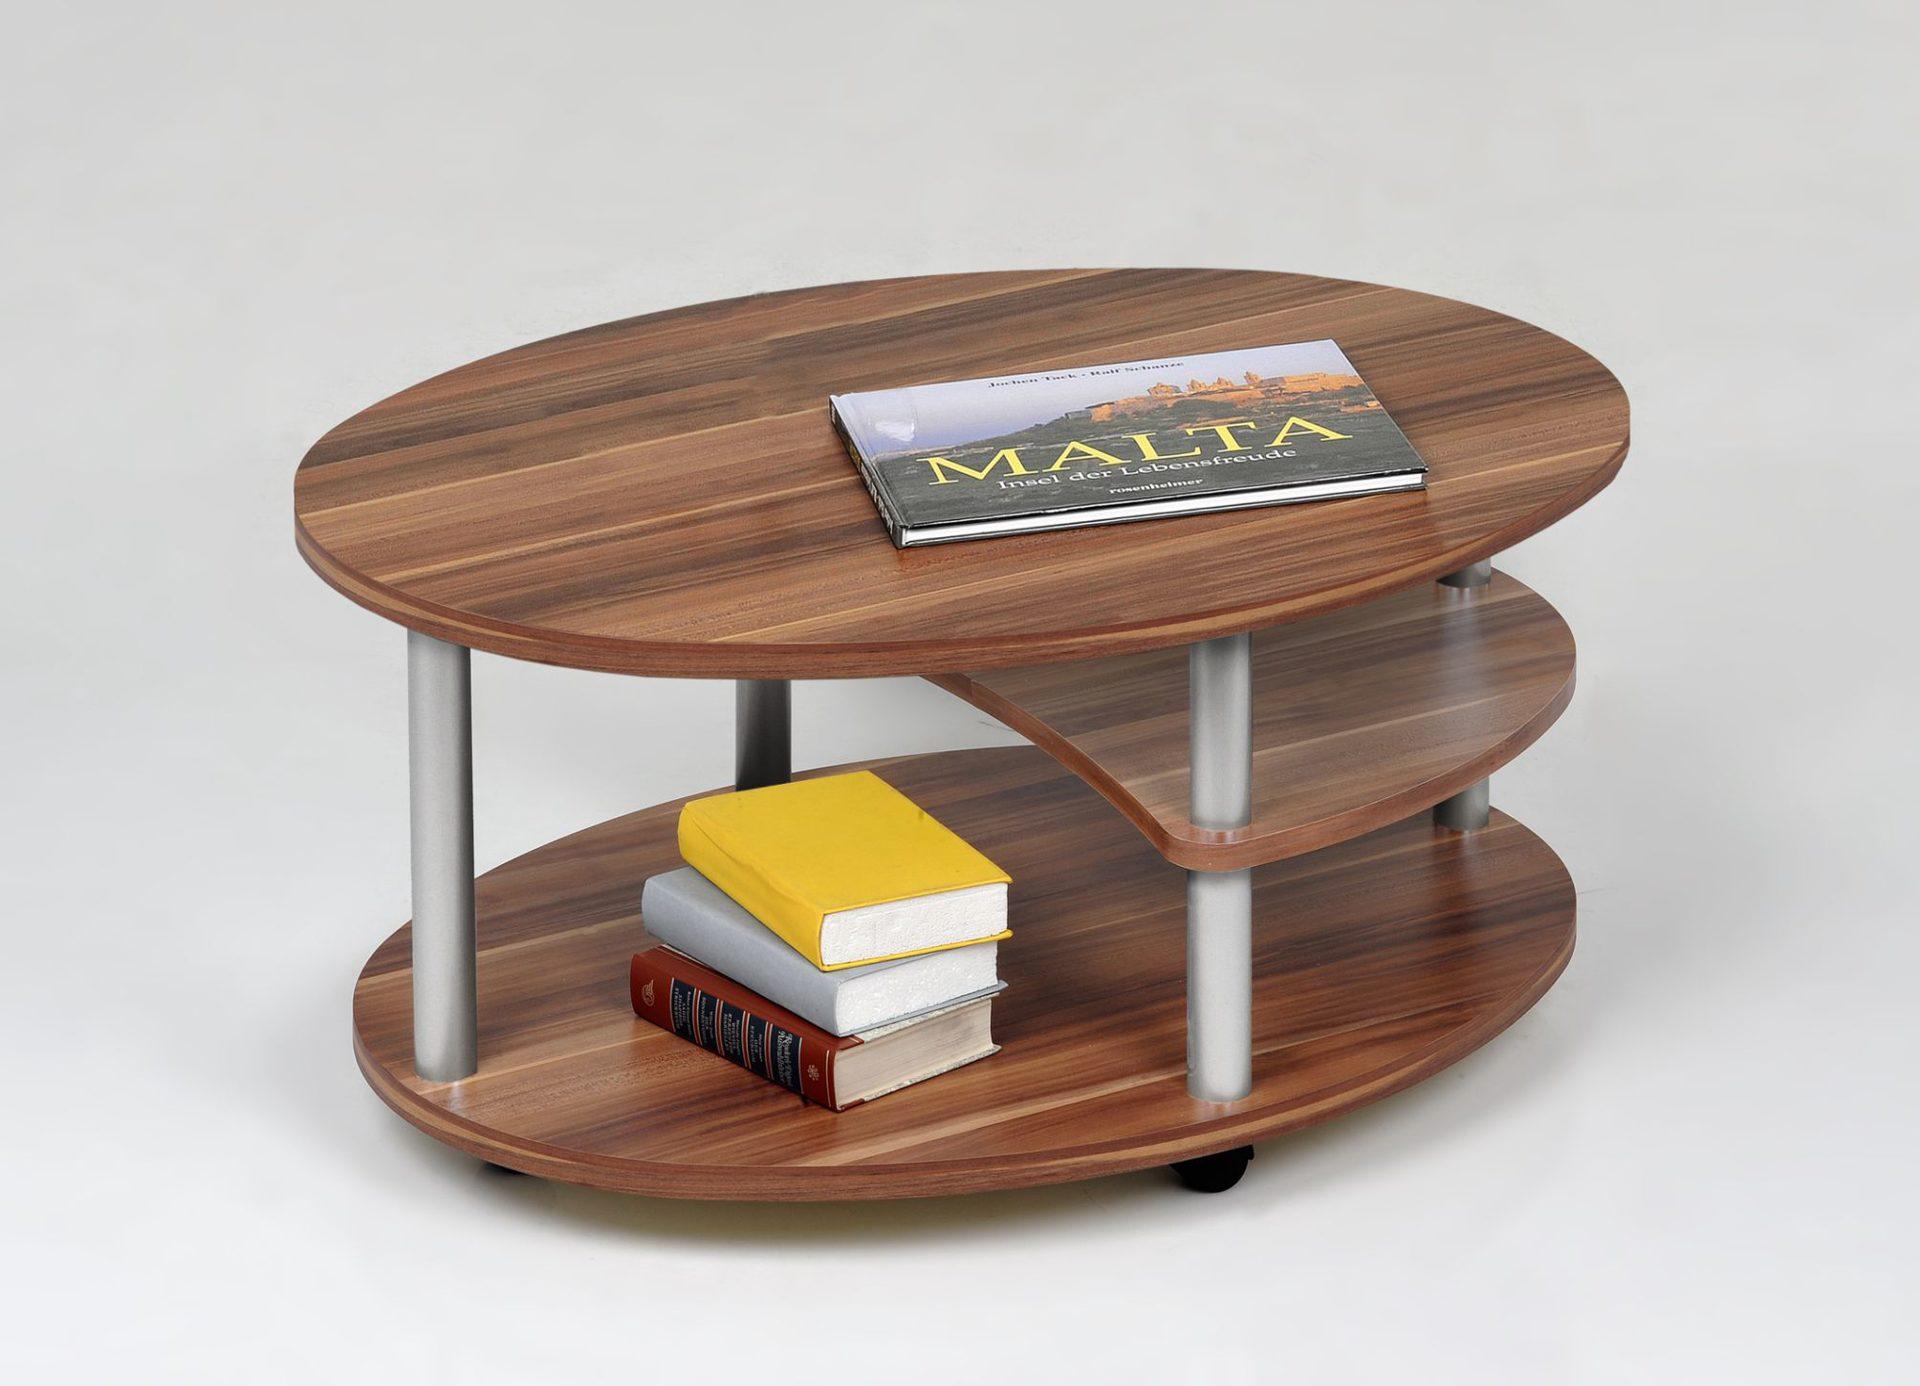 Möbel Steffens Küchen möbel steffens lamstedt räume küche tische wohnzimmer